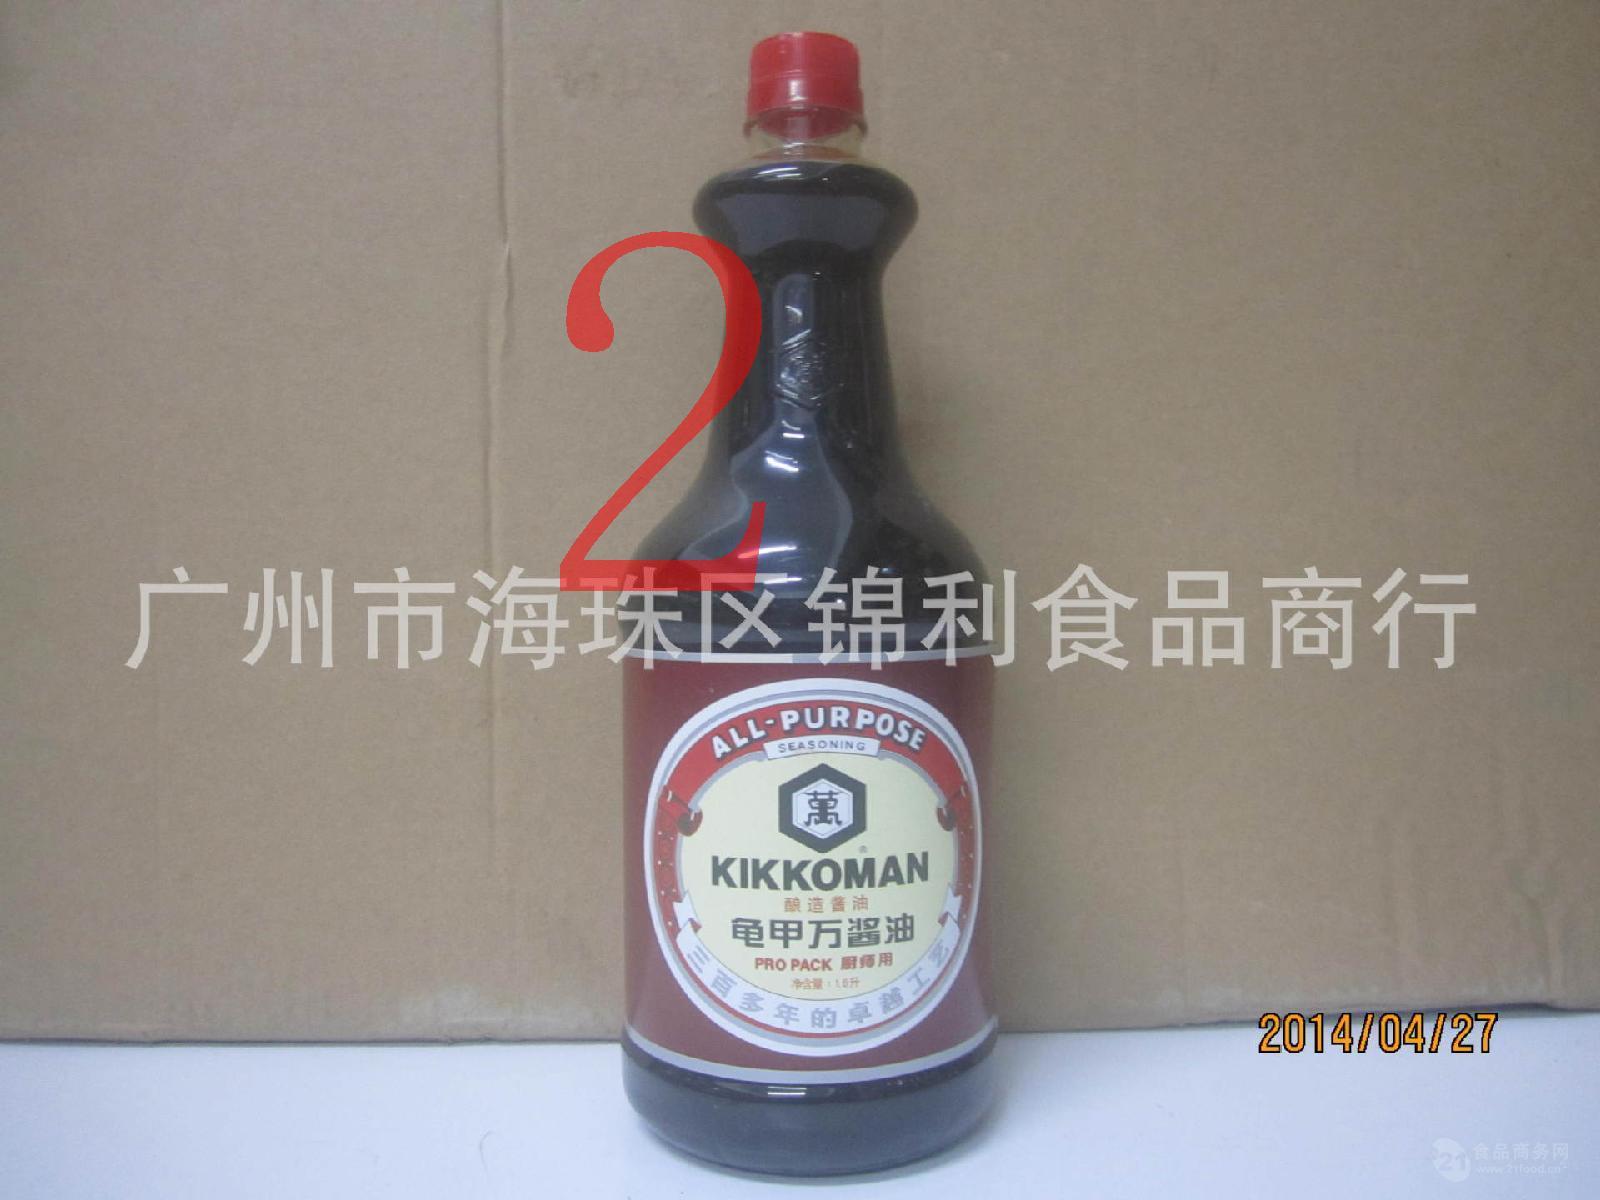 刺身酱油 大万字酱油 寿司料理* 日本龟甲万酱油 万字酱油